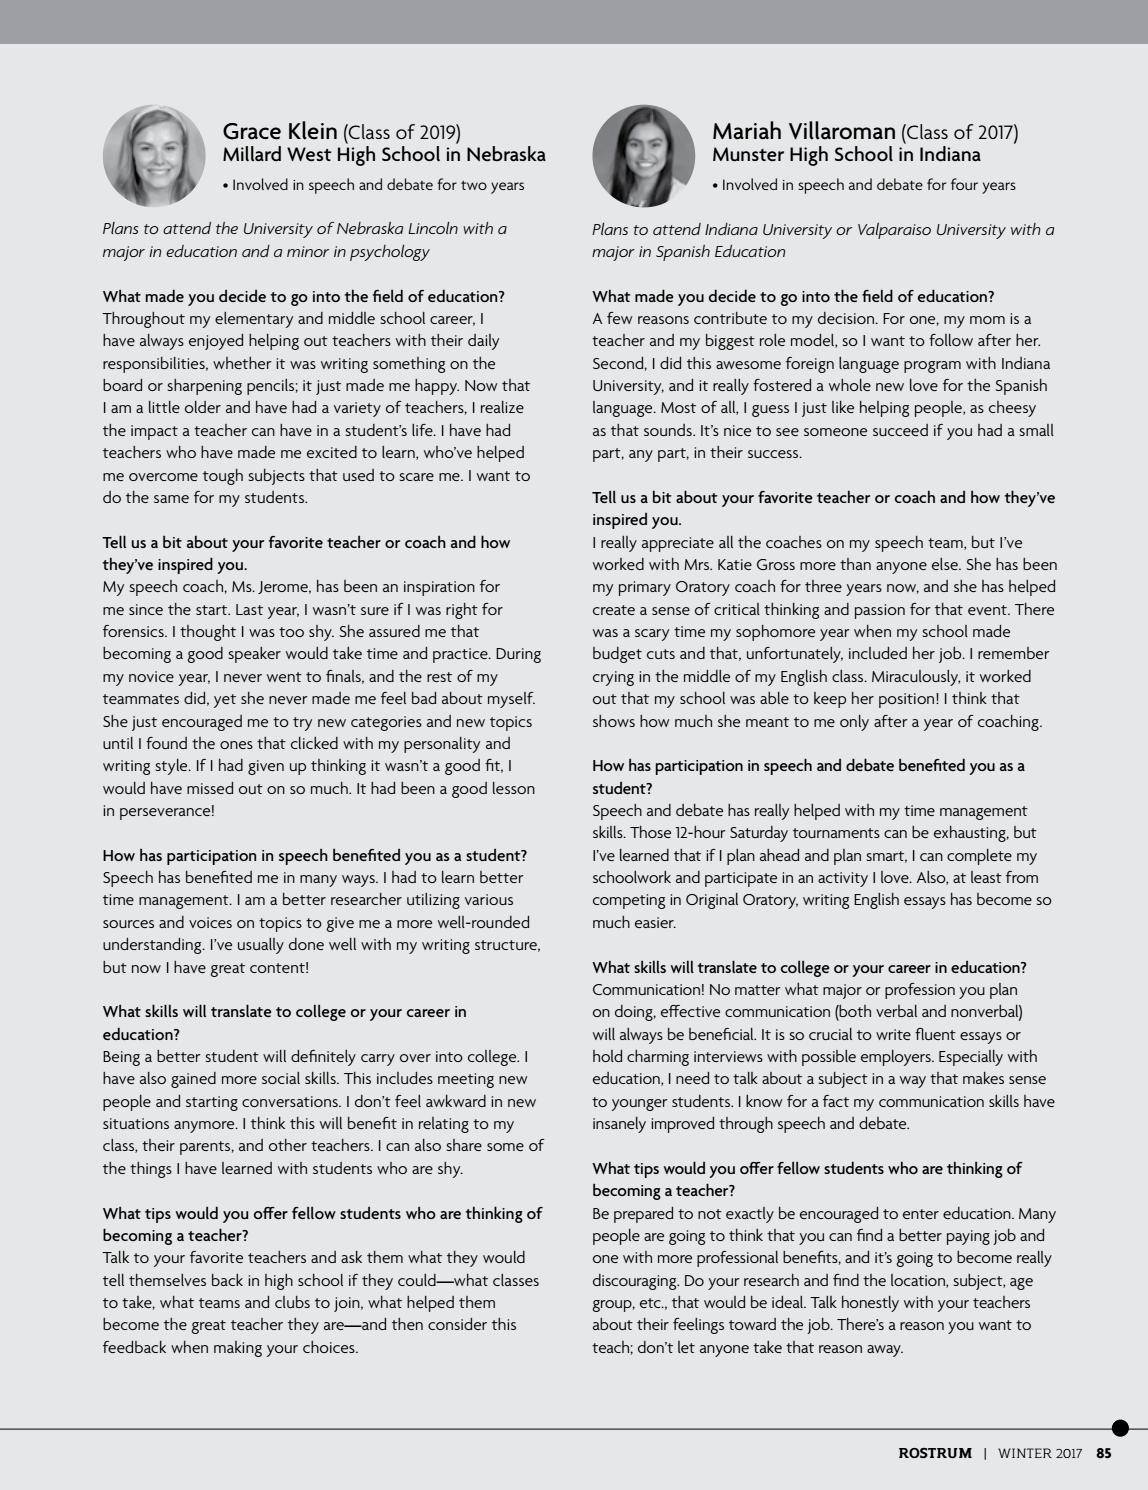 2017 Winter Rostrum by Speech & Debate - issuu